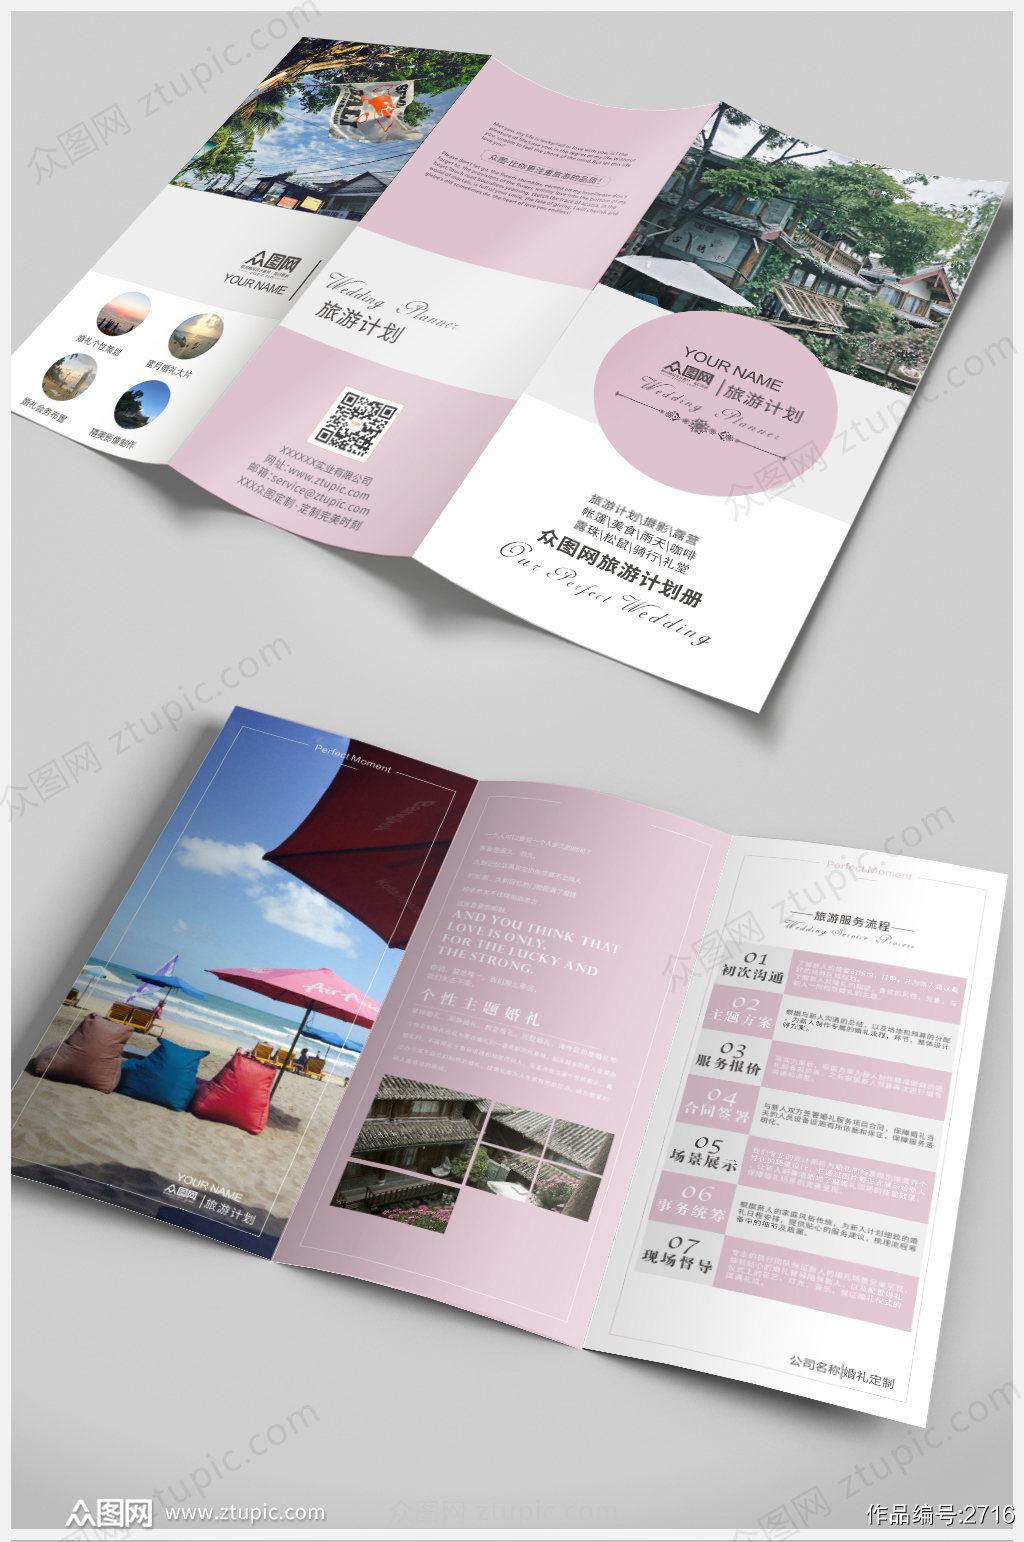 粉色出国旅行社景点三折页设计素材